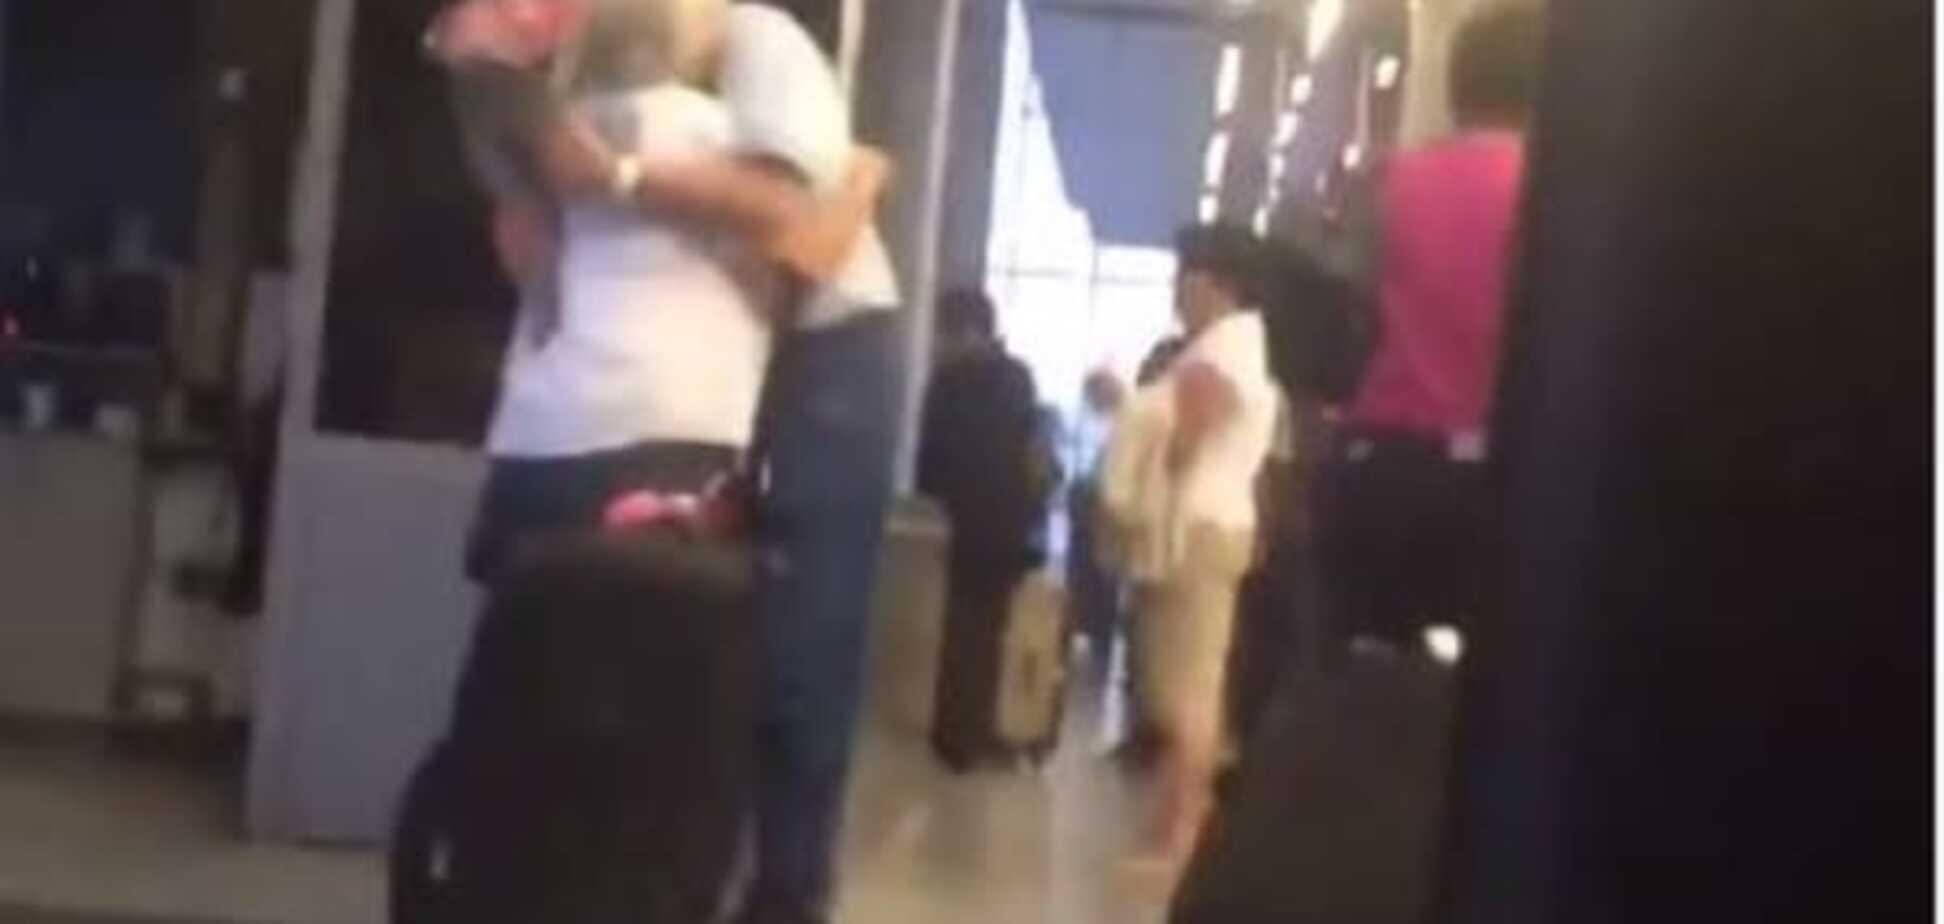 Интернет покоряет видео трогательной встречи пожилой пары